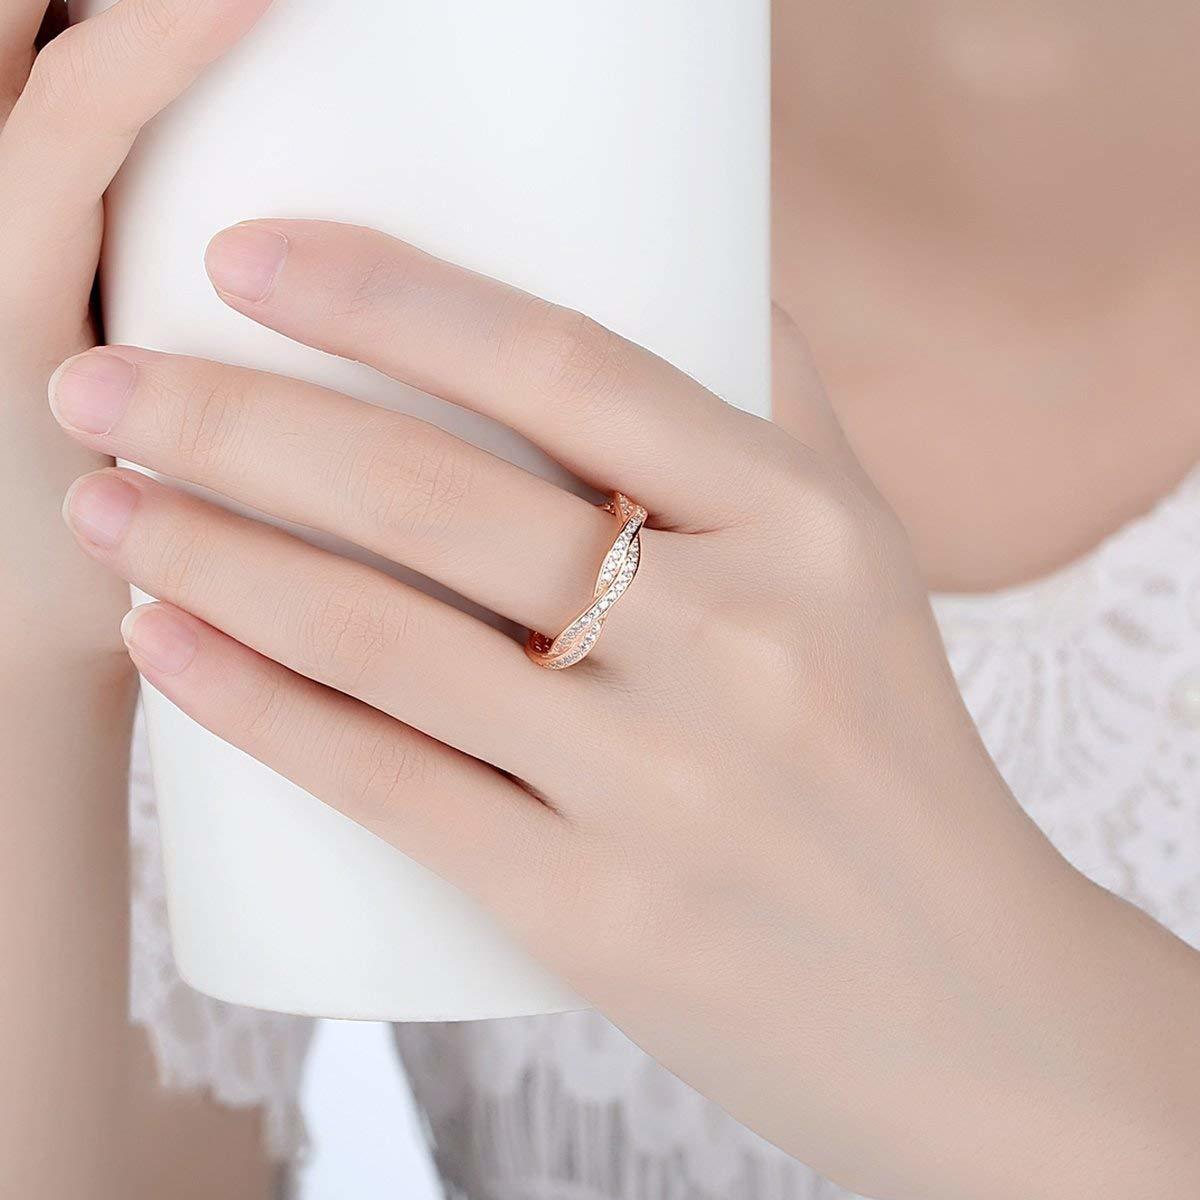 《未使用》Presentski シルバー925指輪 レディース リング 結婚指輪 ピンクゴールドメッキ婚約指輪 ジルコニア cz 18《アウトレット》_画像2